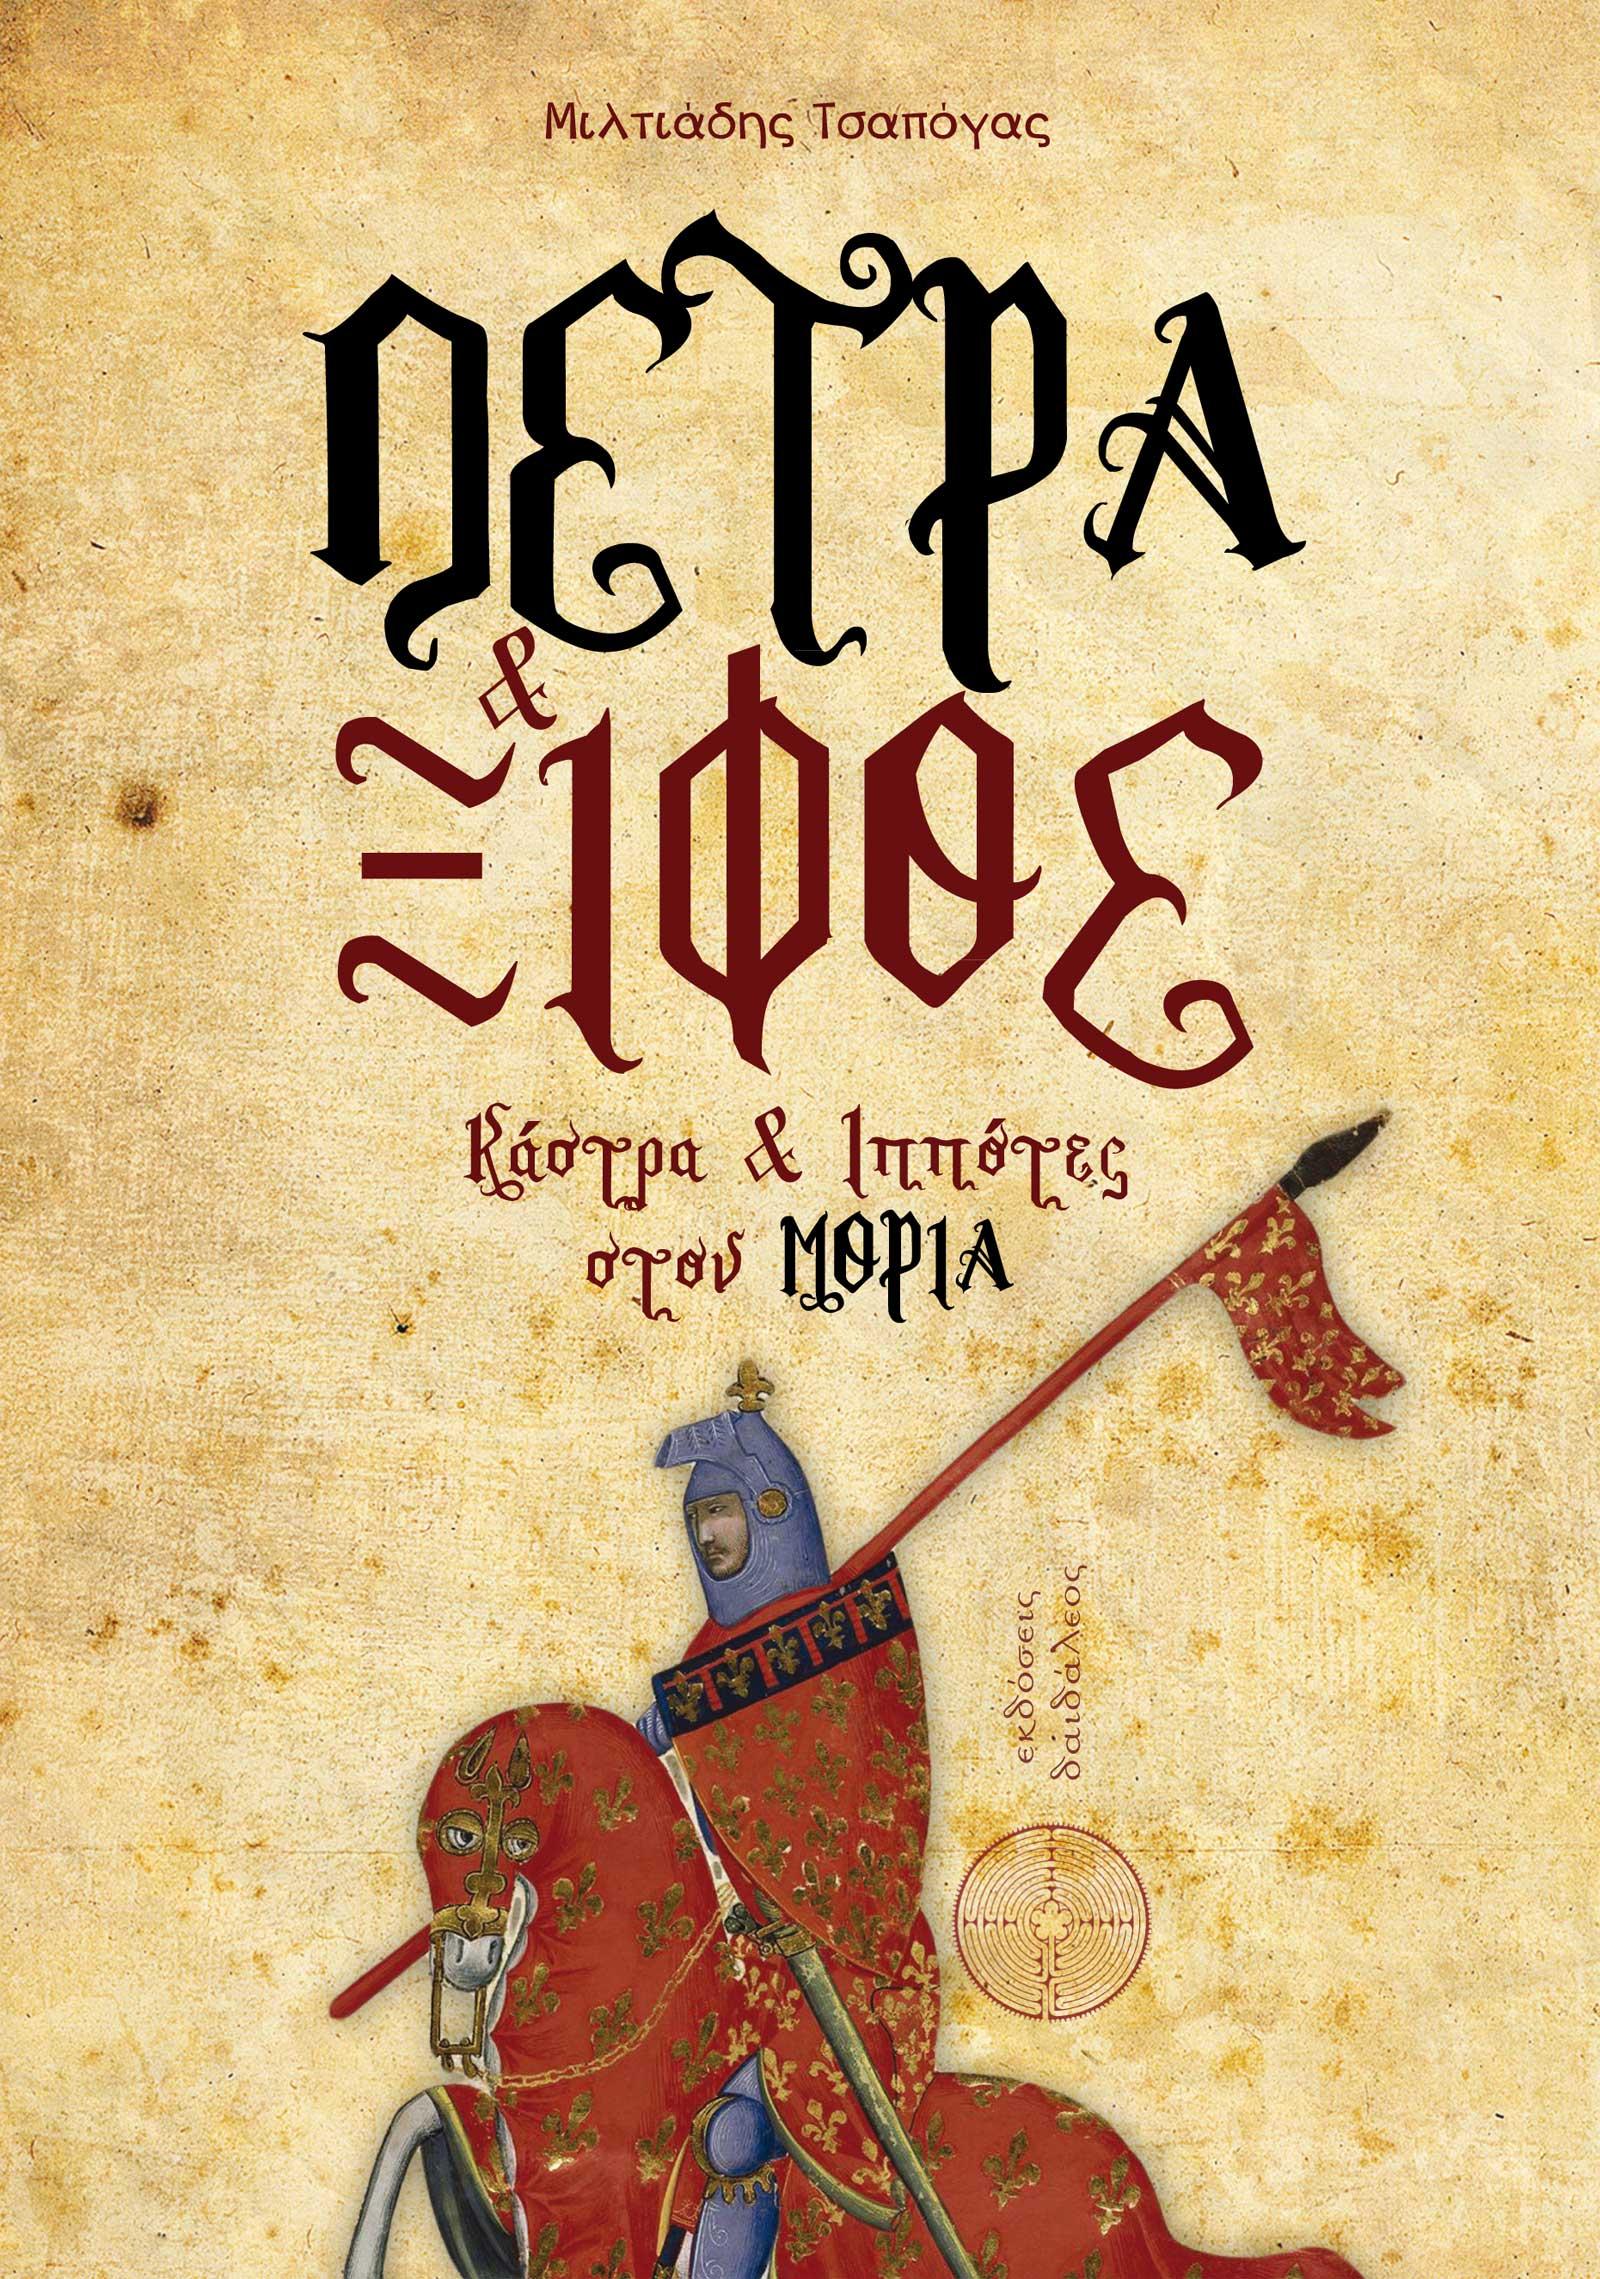 Πέτρα & Ξίφος, Μιλτιάδης Τσαπόγας, Εκδόσεις Δαιδάλεος - www.daidaleos.gr